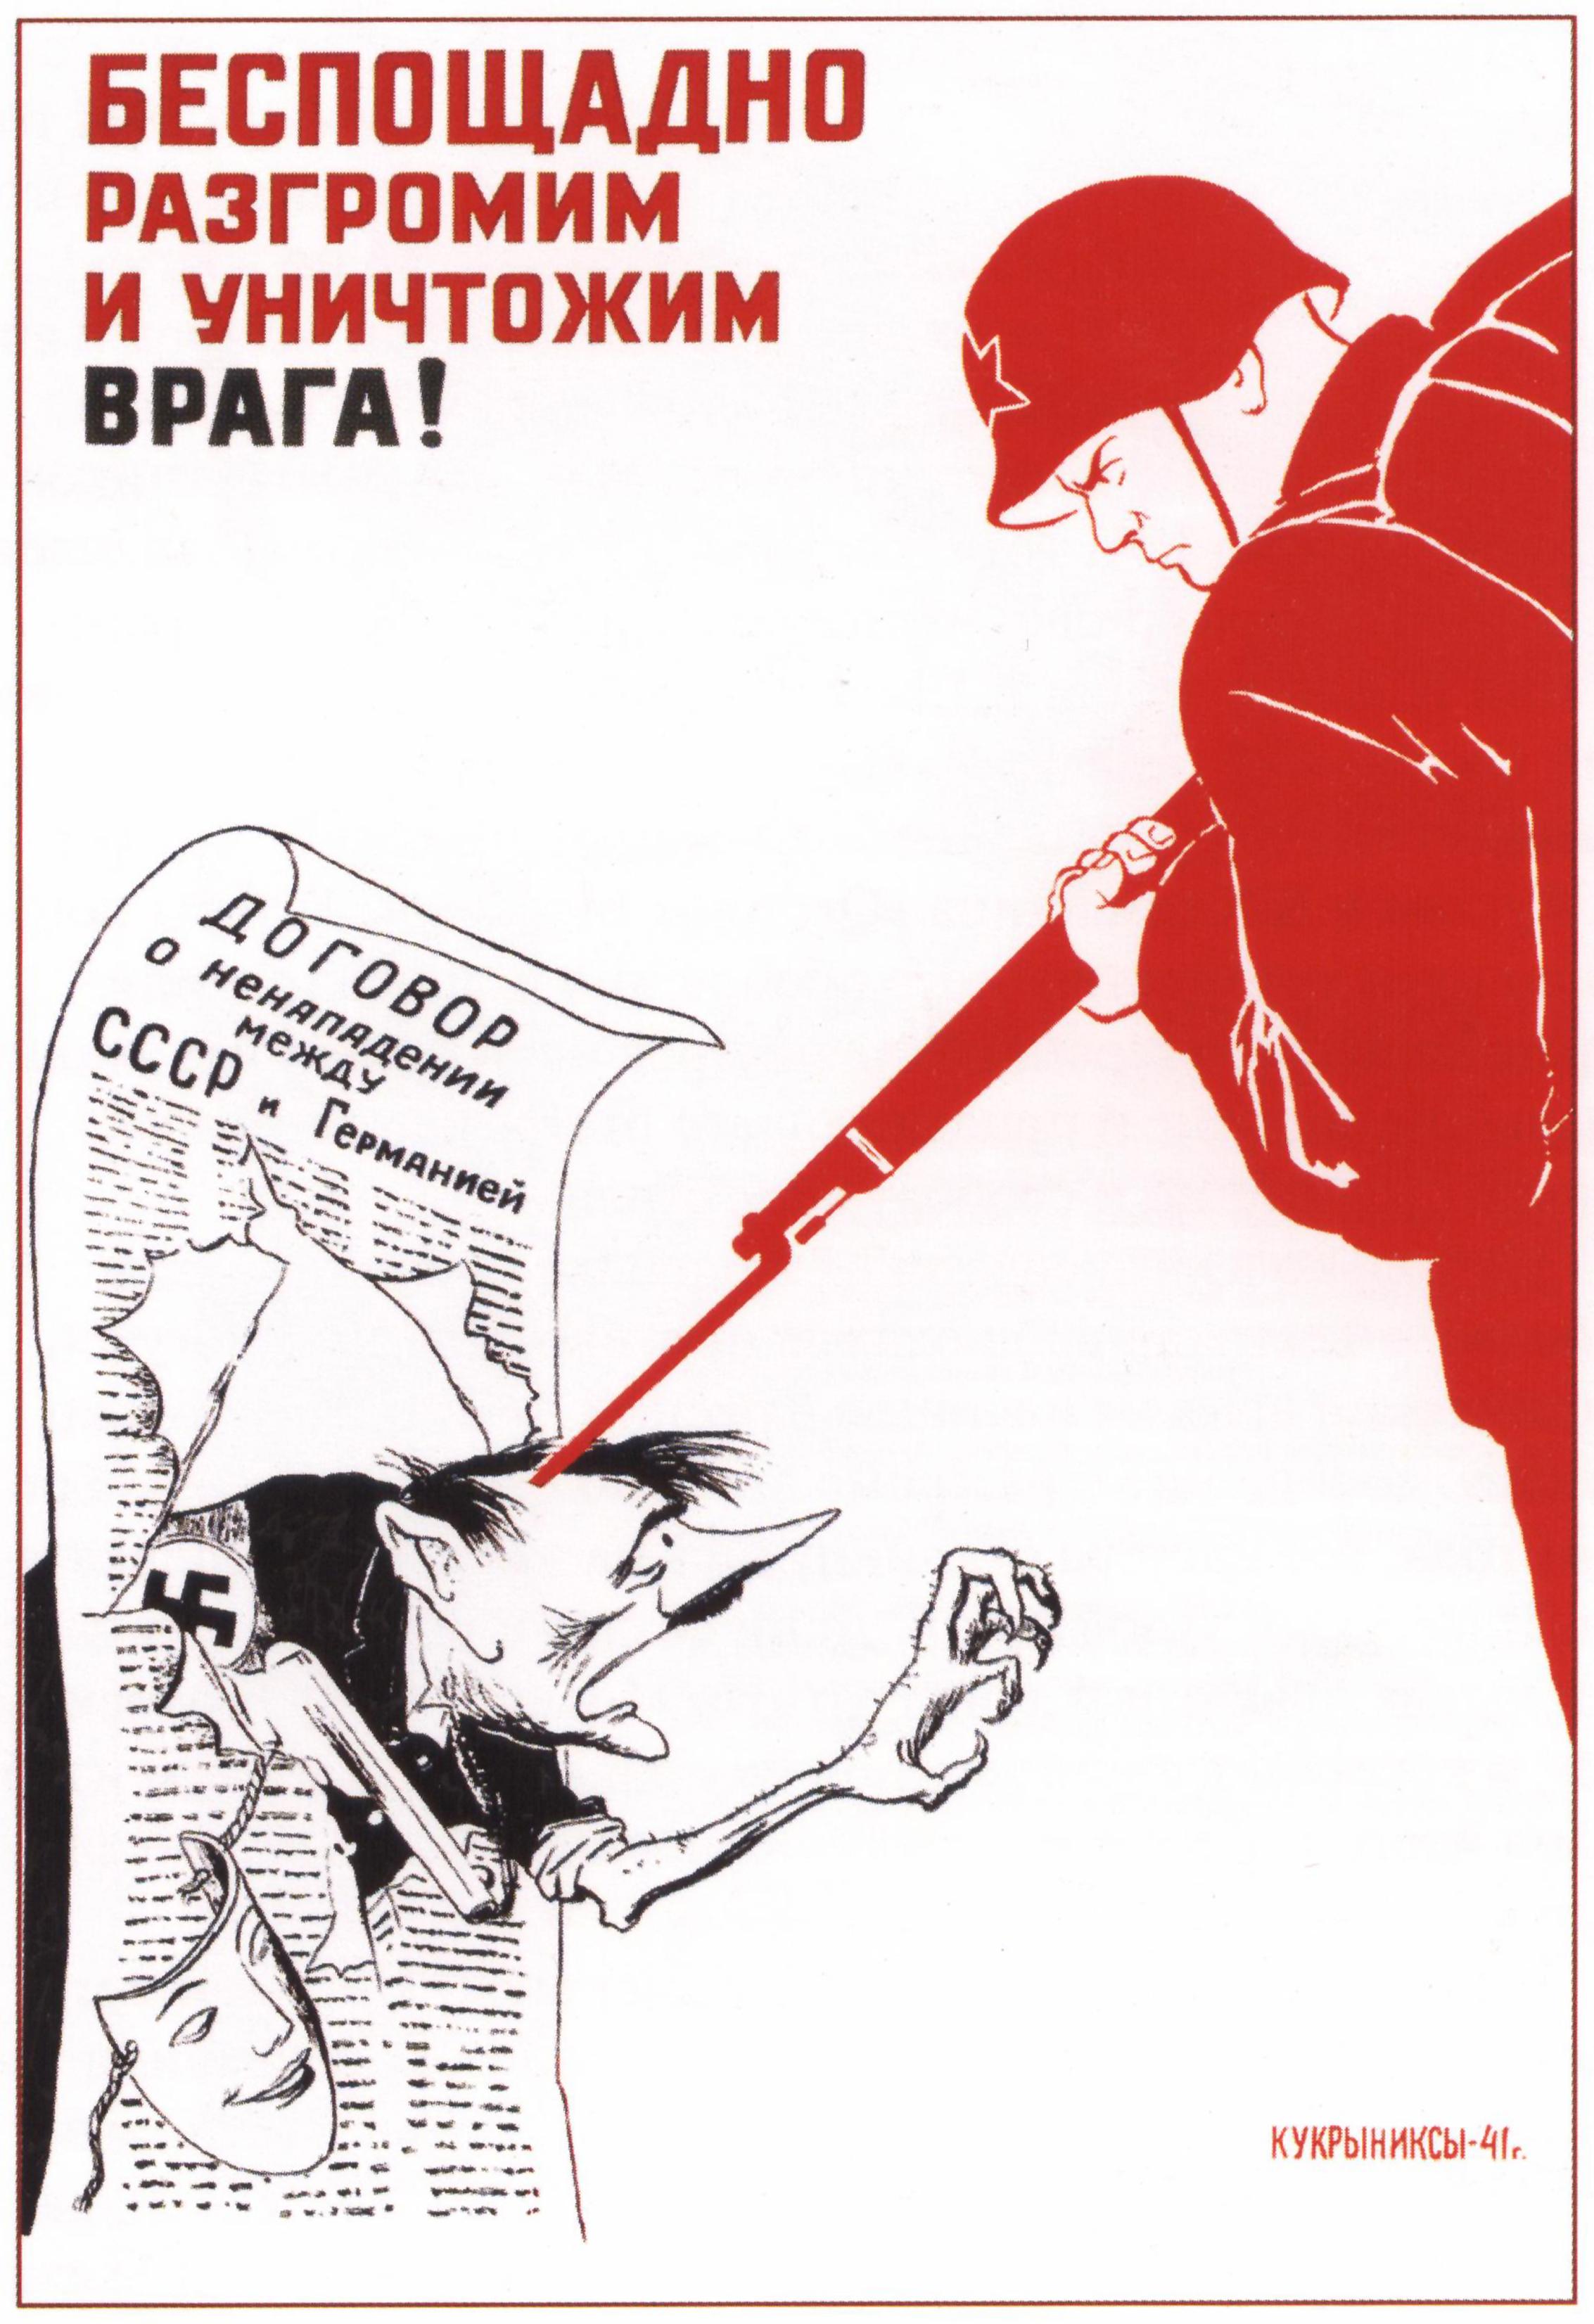 """""""Беспощадно разгромим и уничтожи врага"""" Кукрыникцы, 1941 г. - советский военный плакат"""